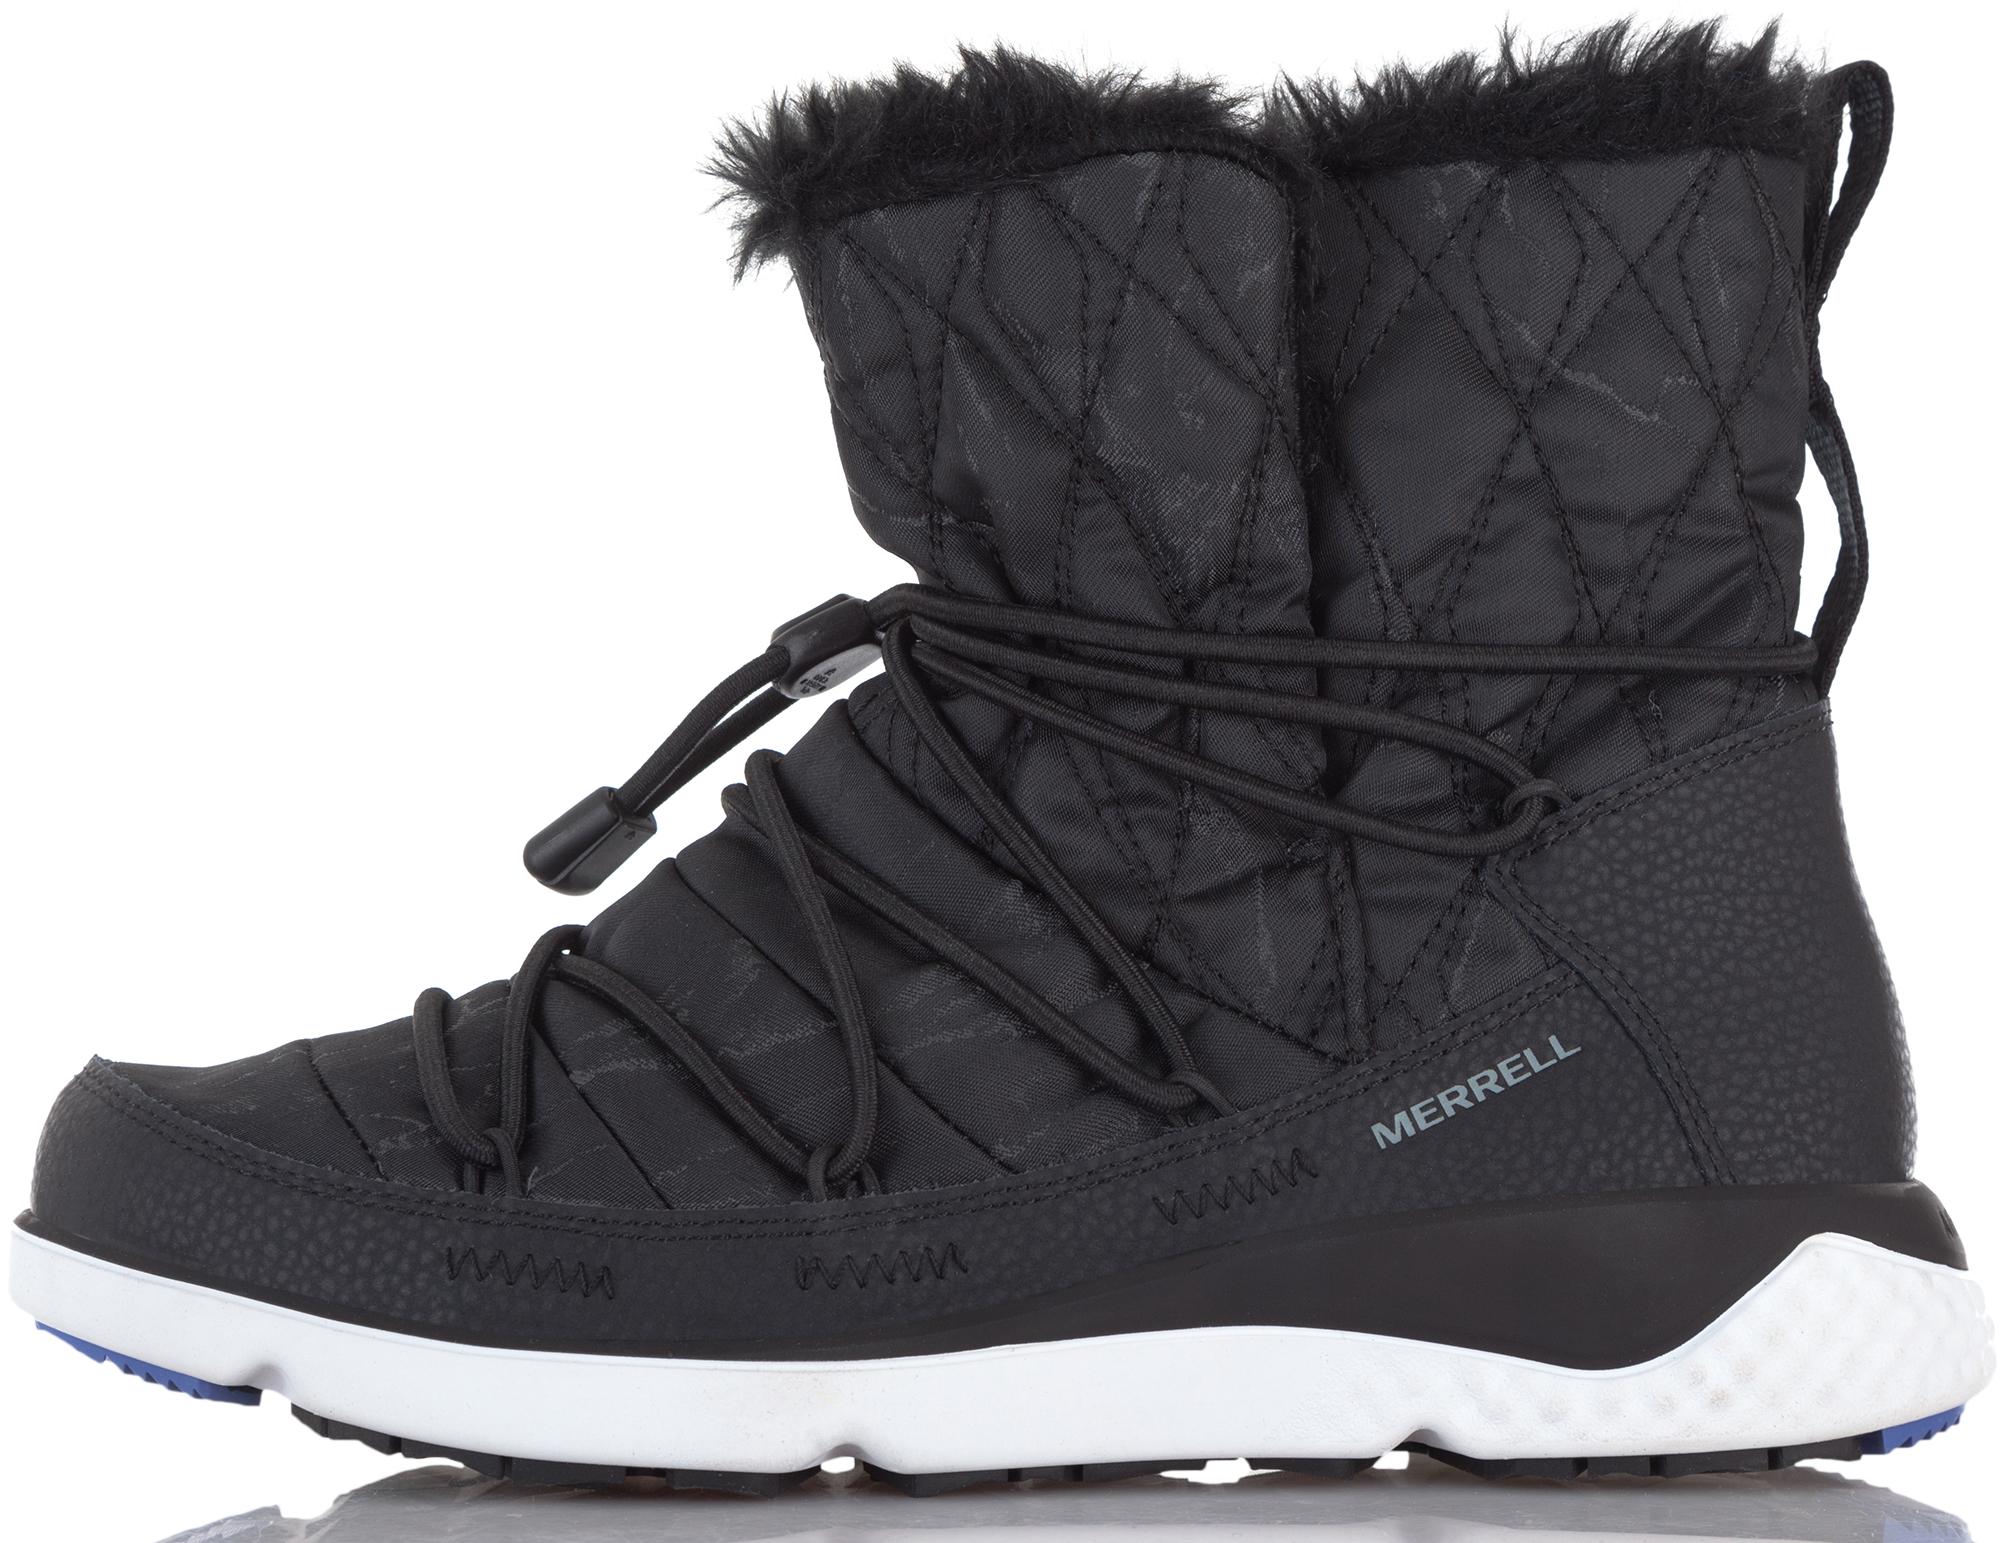 купить Merrell Ботинки утепленные женские Merrell 1SIX8 Farchill Mid Polar Ac+, размер 39 онлайн